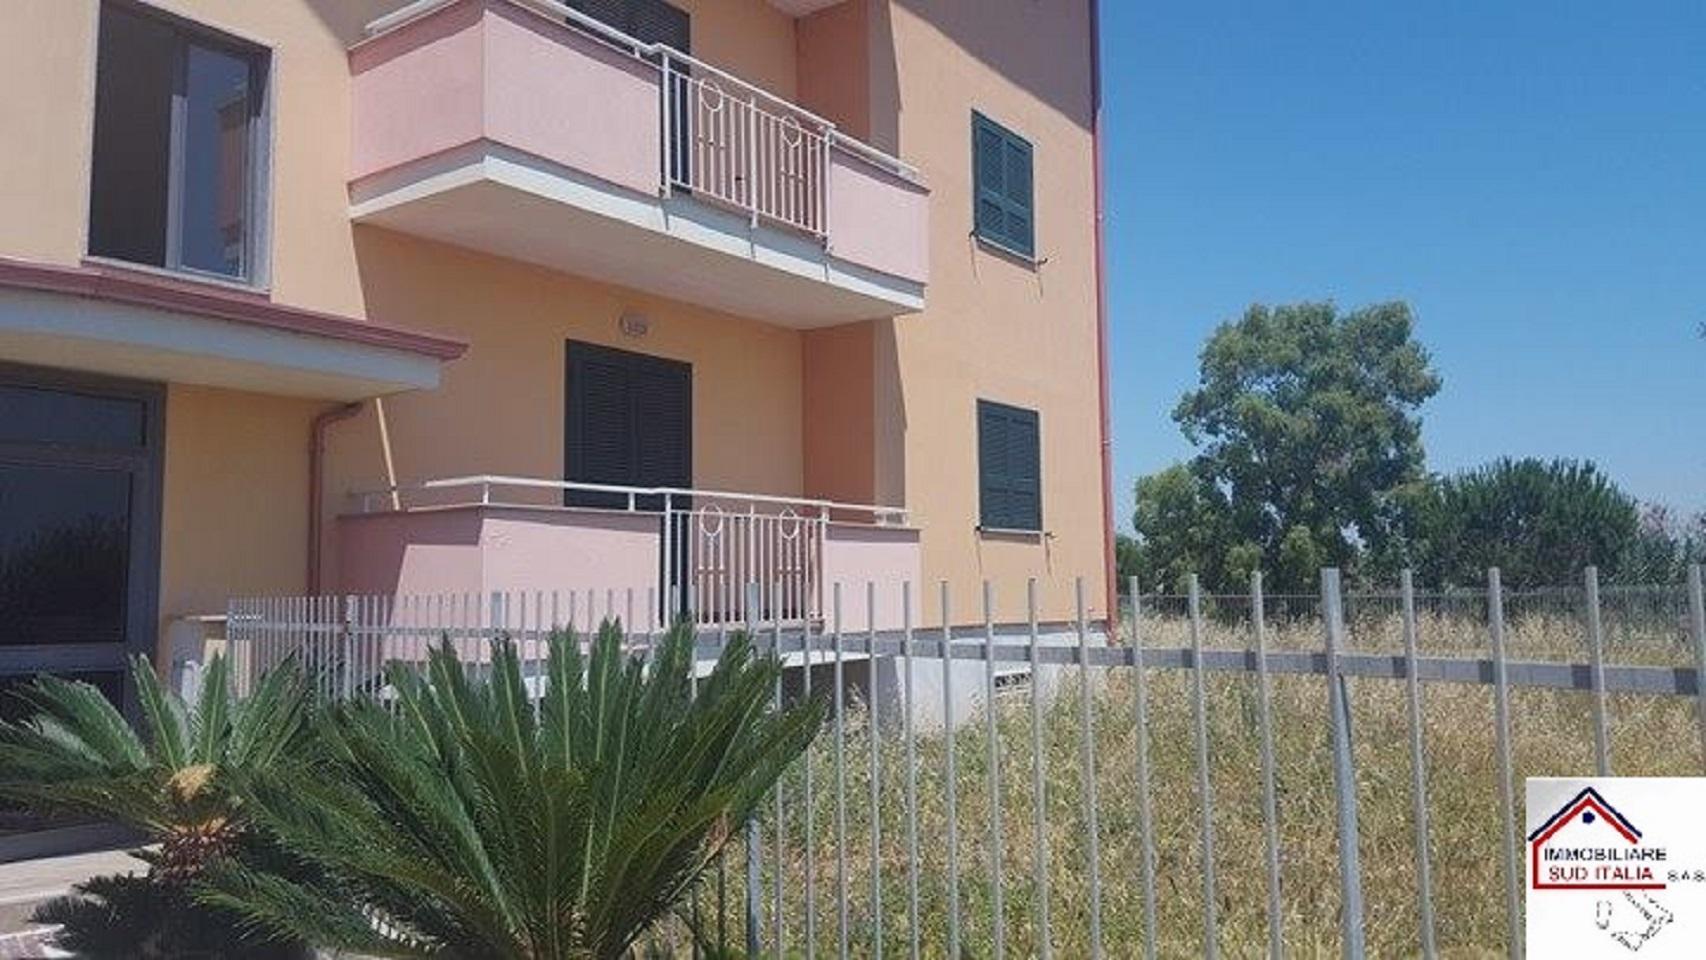 Appartamento in affitto a Castel Volturno, 3 locali, zona Località: IschitellaLido, prezzo € 600 | CambioCasa.it